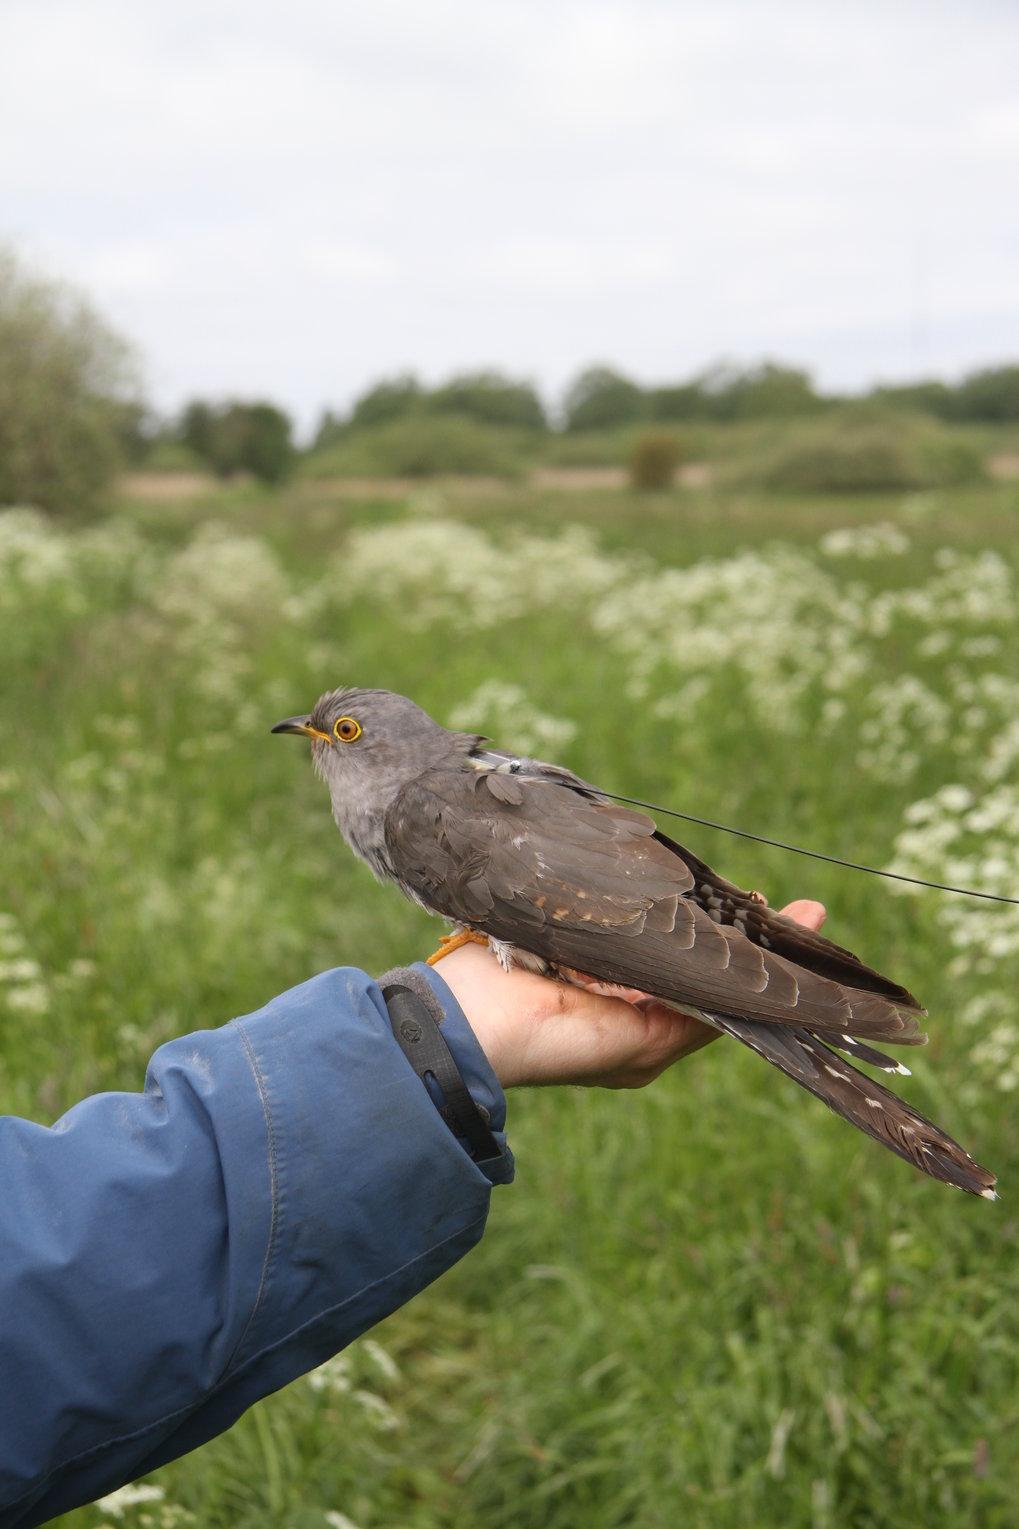 Der fünf Gramm leichte Minisender auf dem Rücken des Kuckucks macht weniger als fünf Prozent seines Körpergewichts aus. Er sendet